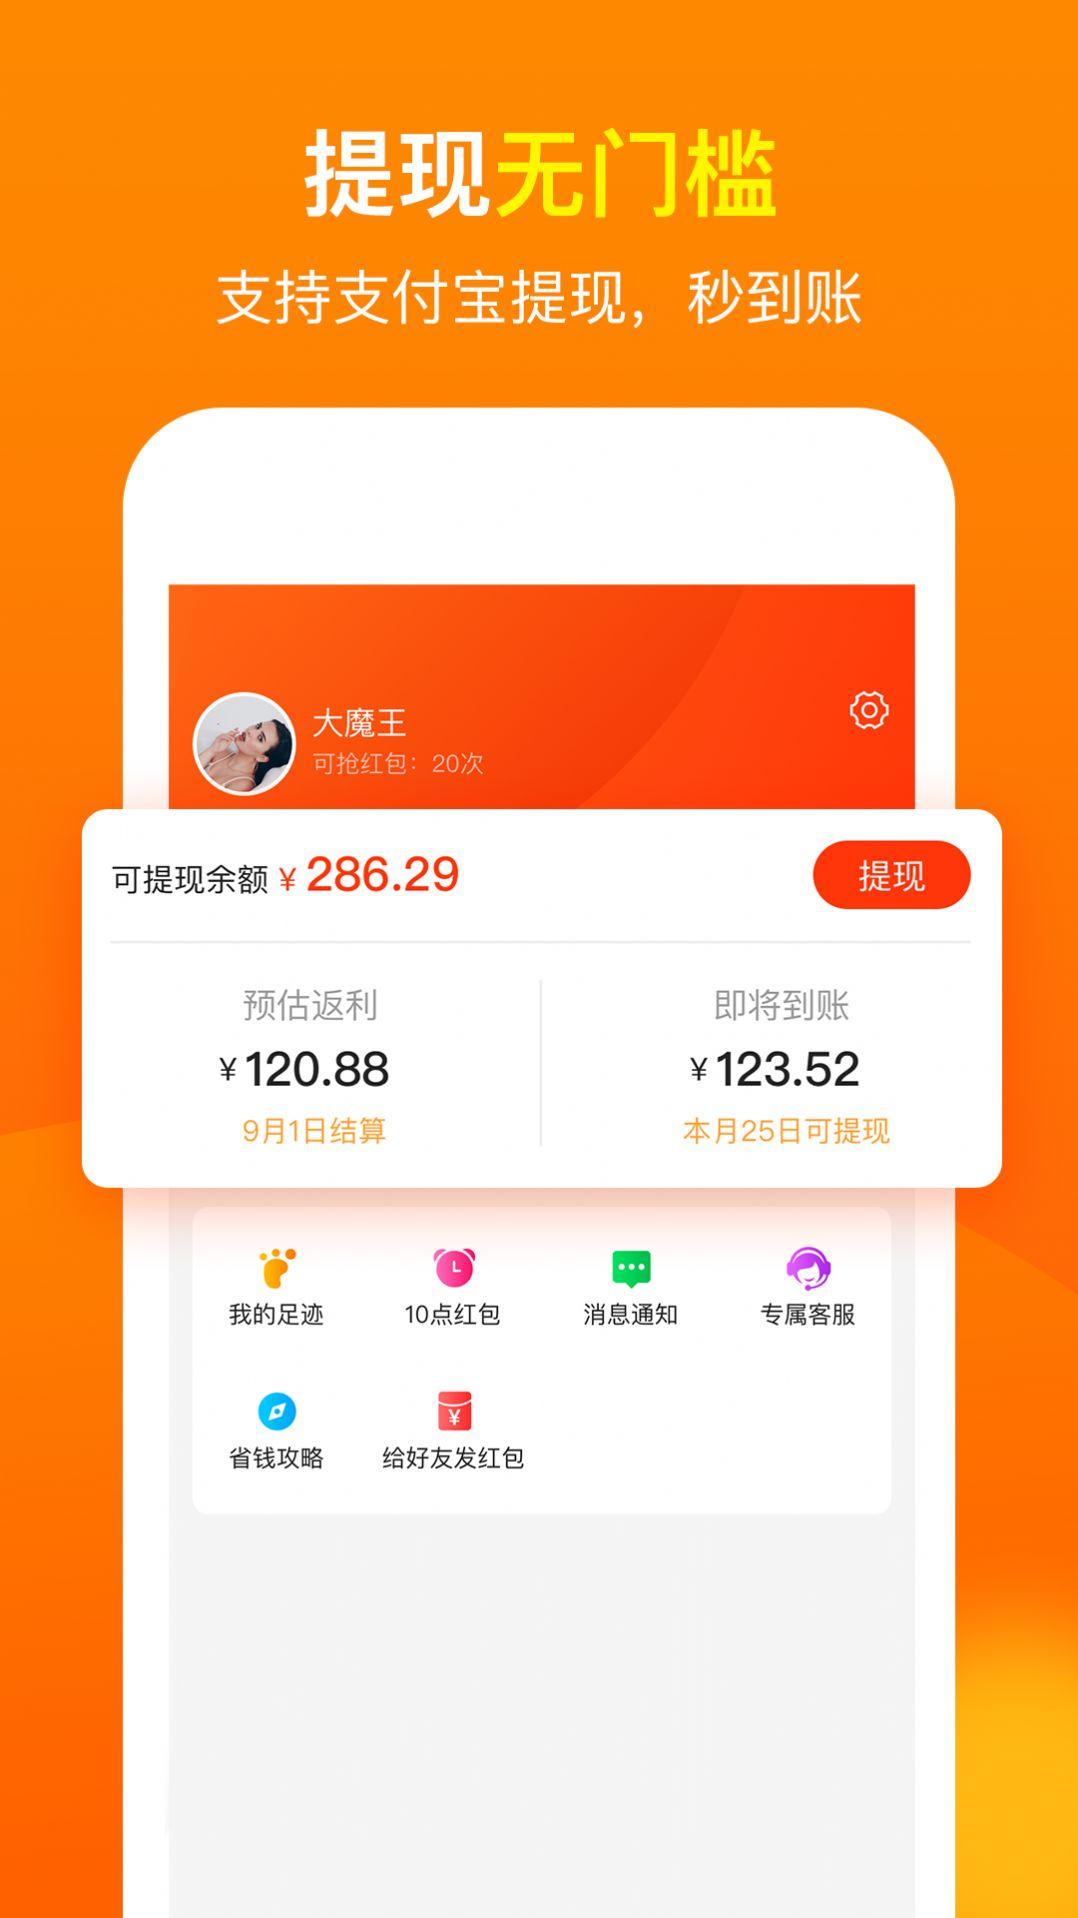 桃豆省錢安卓版軟件app下載圖1: